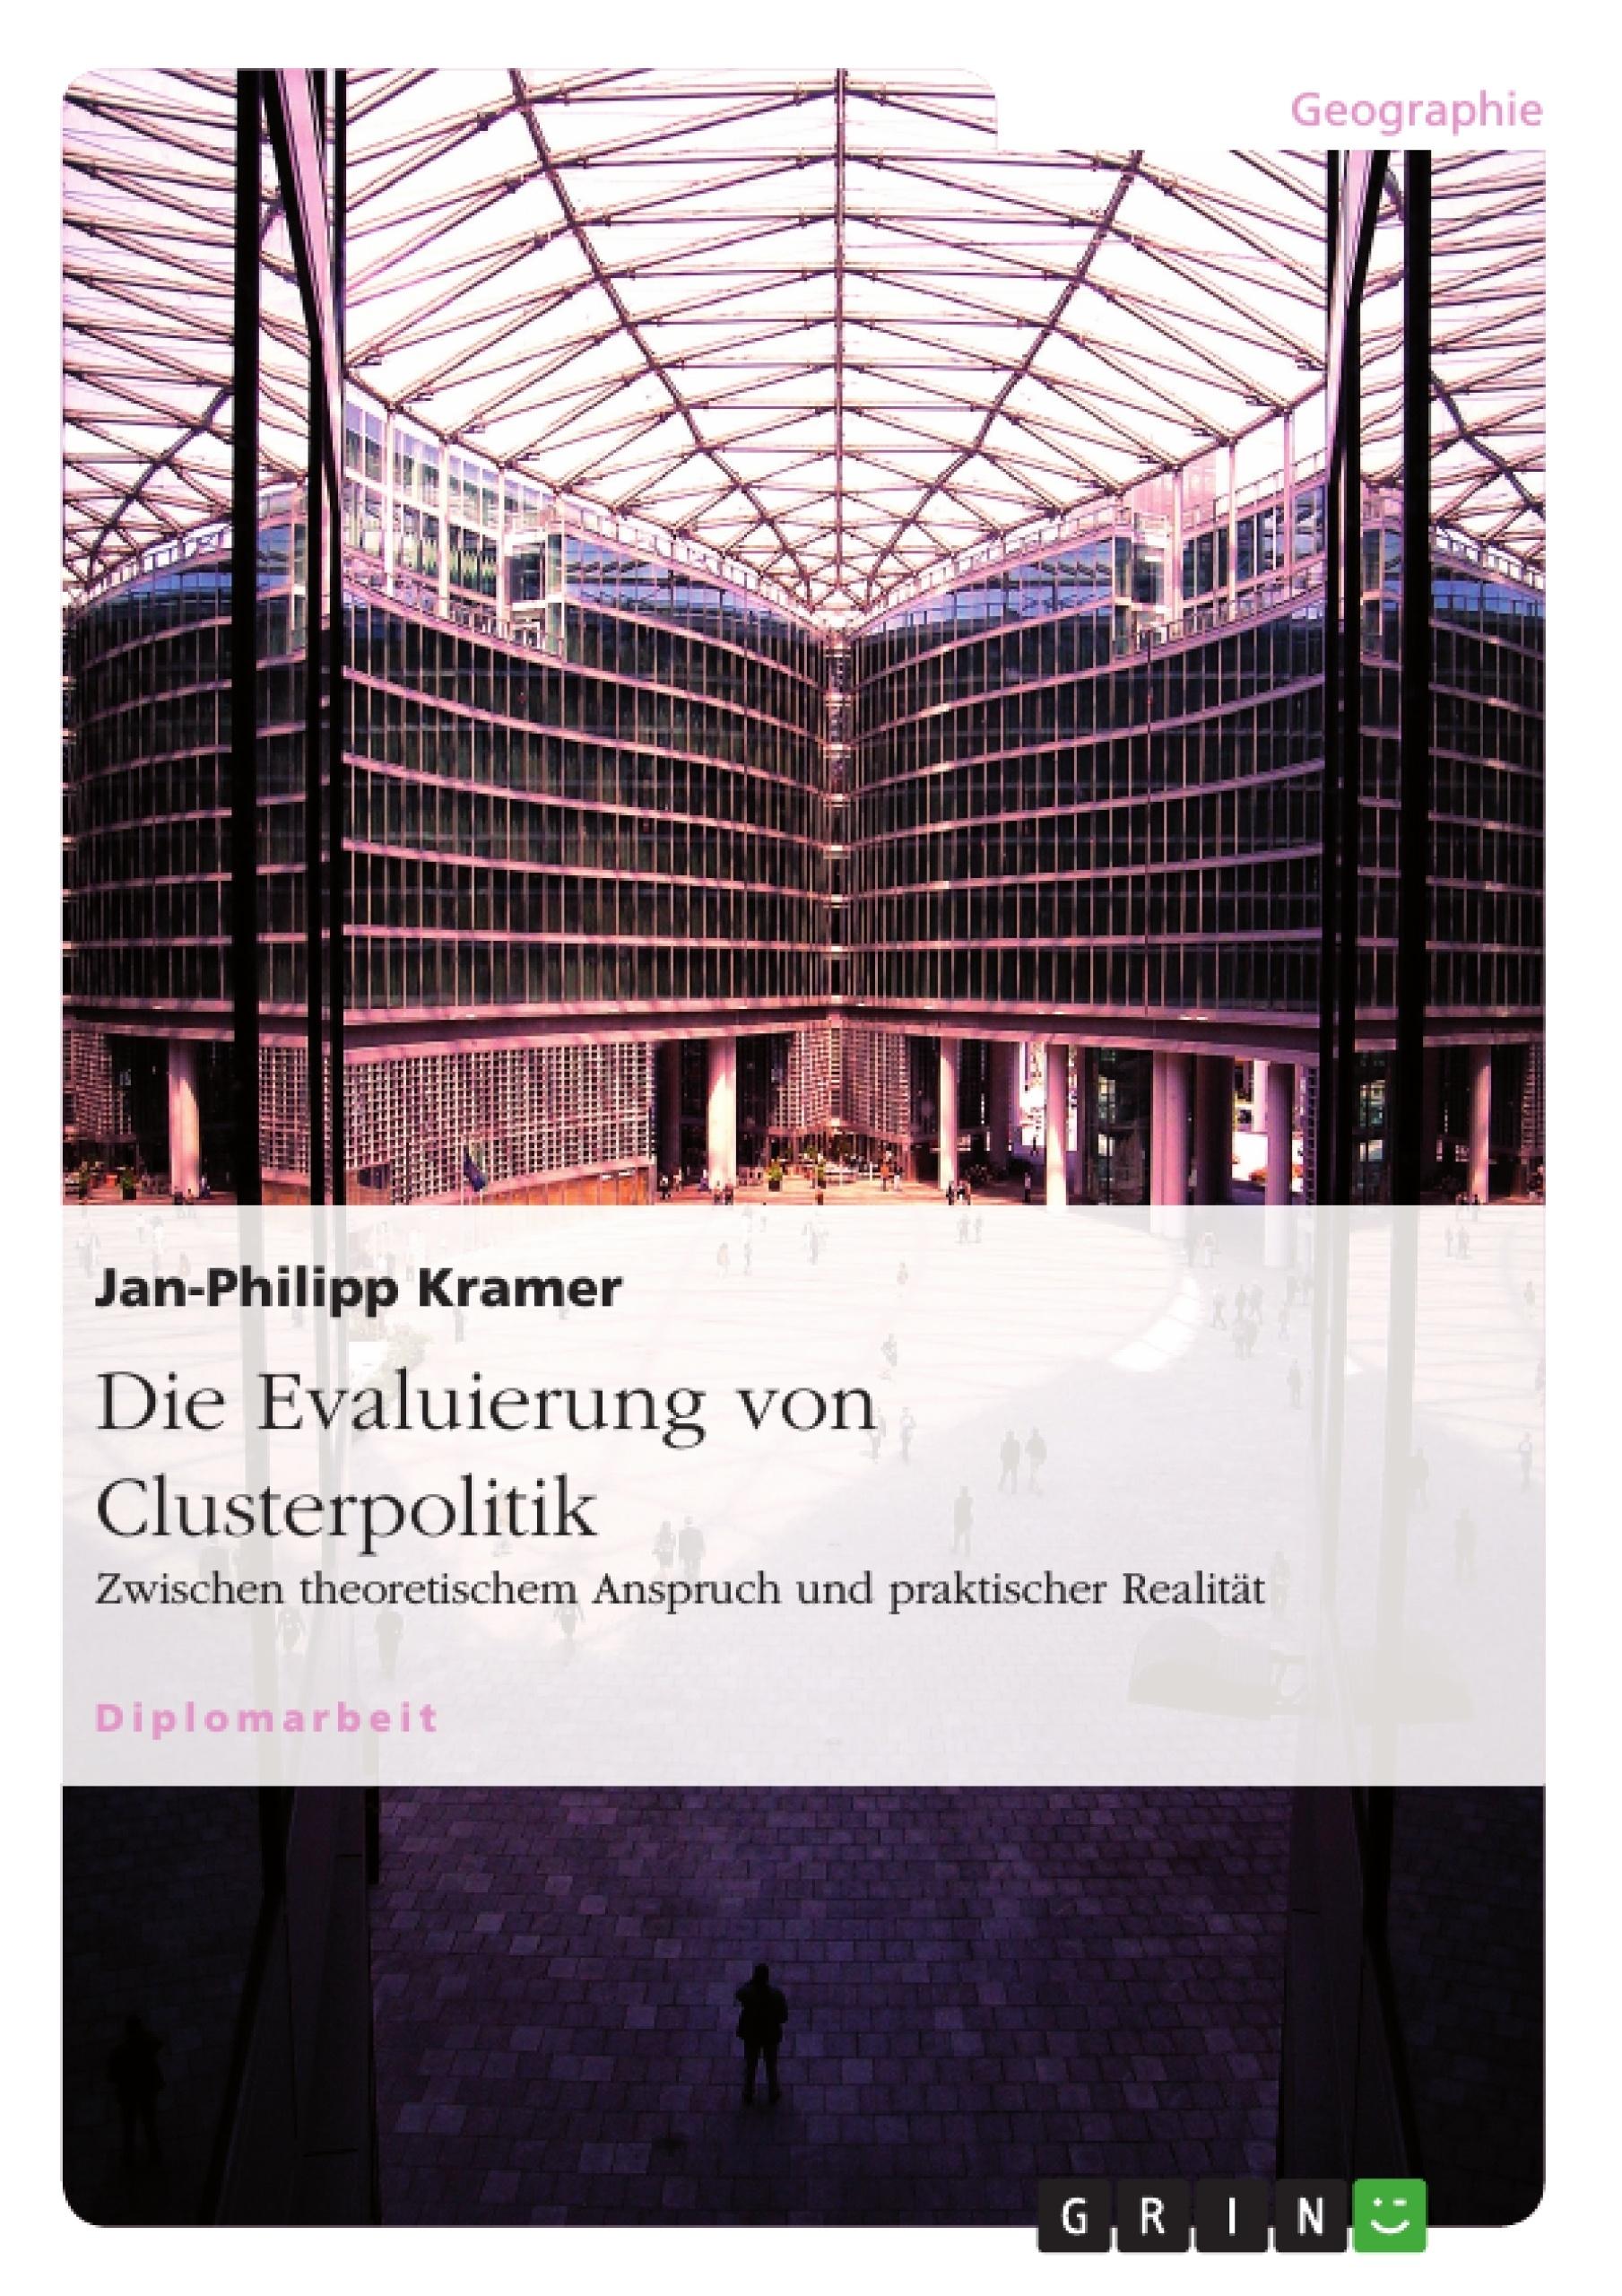 Titel: Die Evaluierung von Clusterpolitik